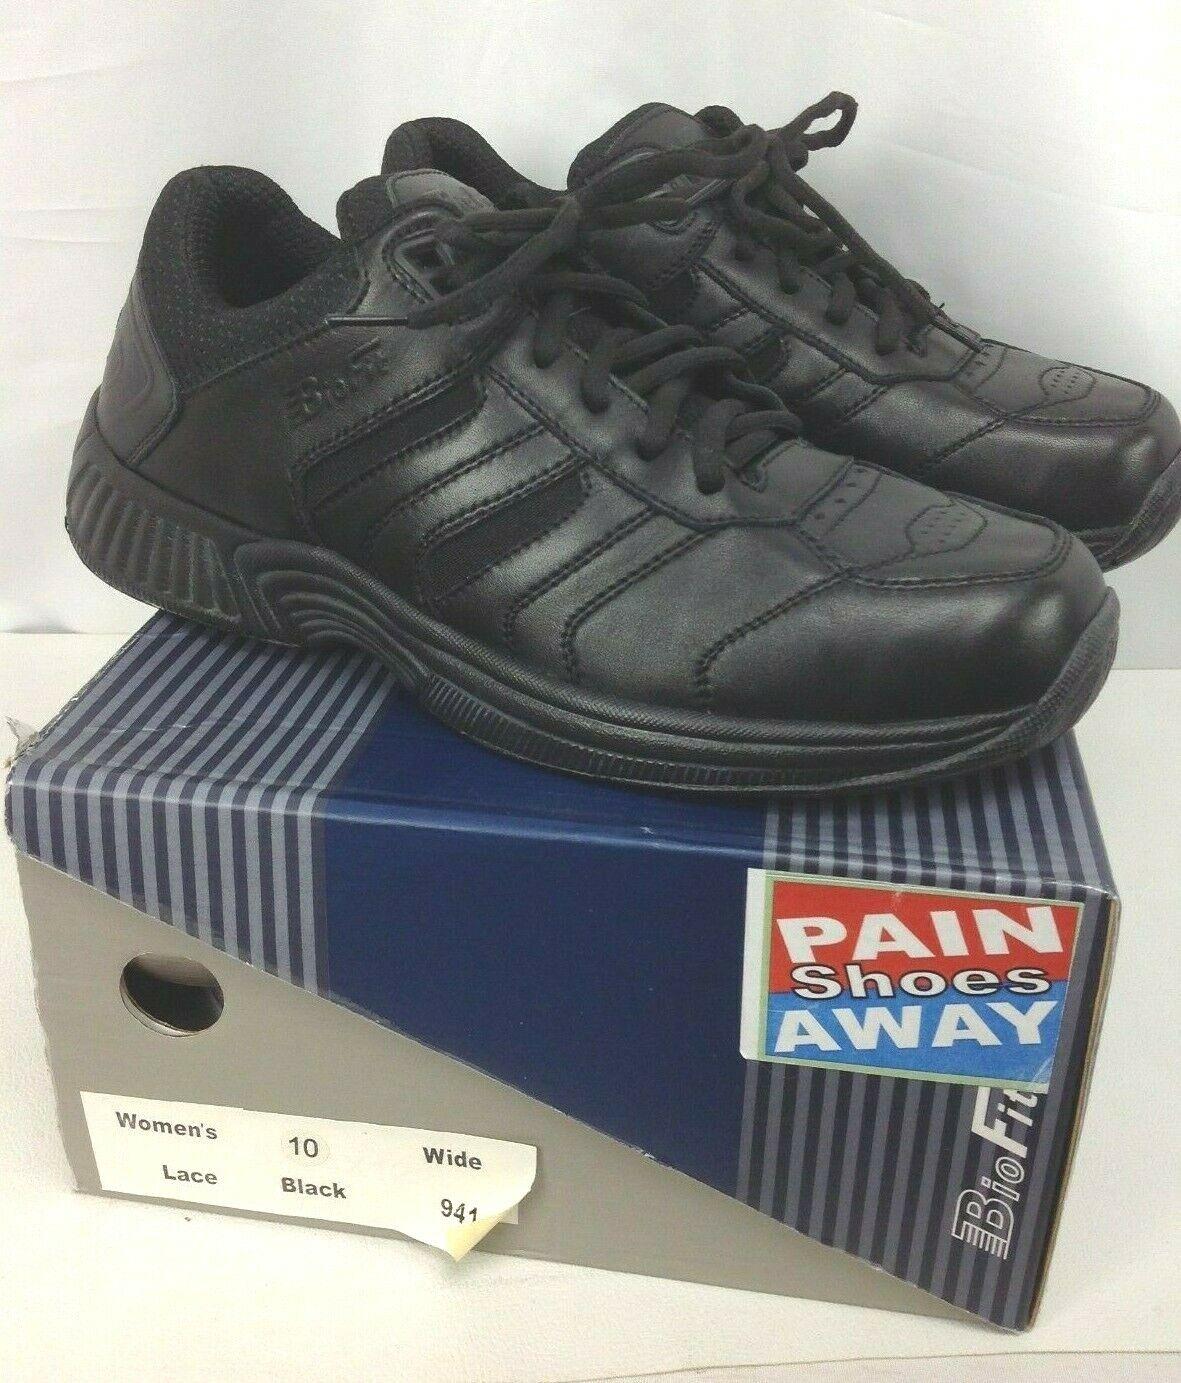 badd19d5470 Orthofeet Zapatos Whitney 941 para mujer de zapato terapéutico para  aparatos ortopédicos Ancho 10 D